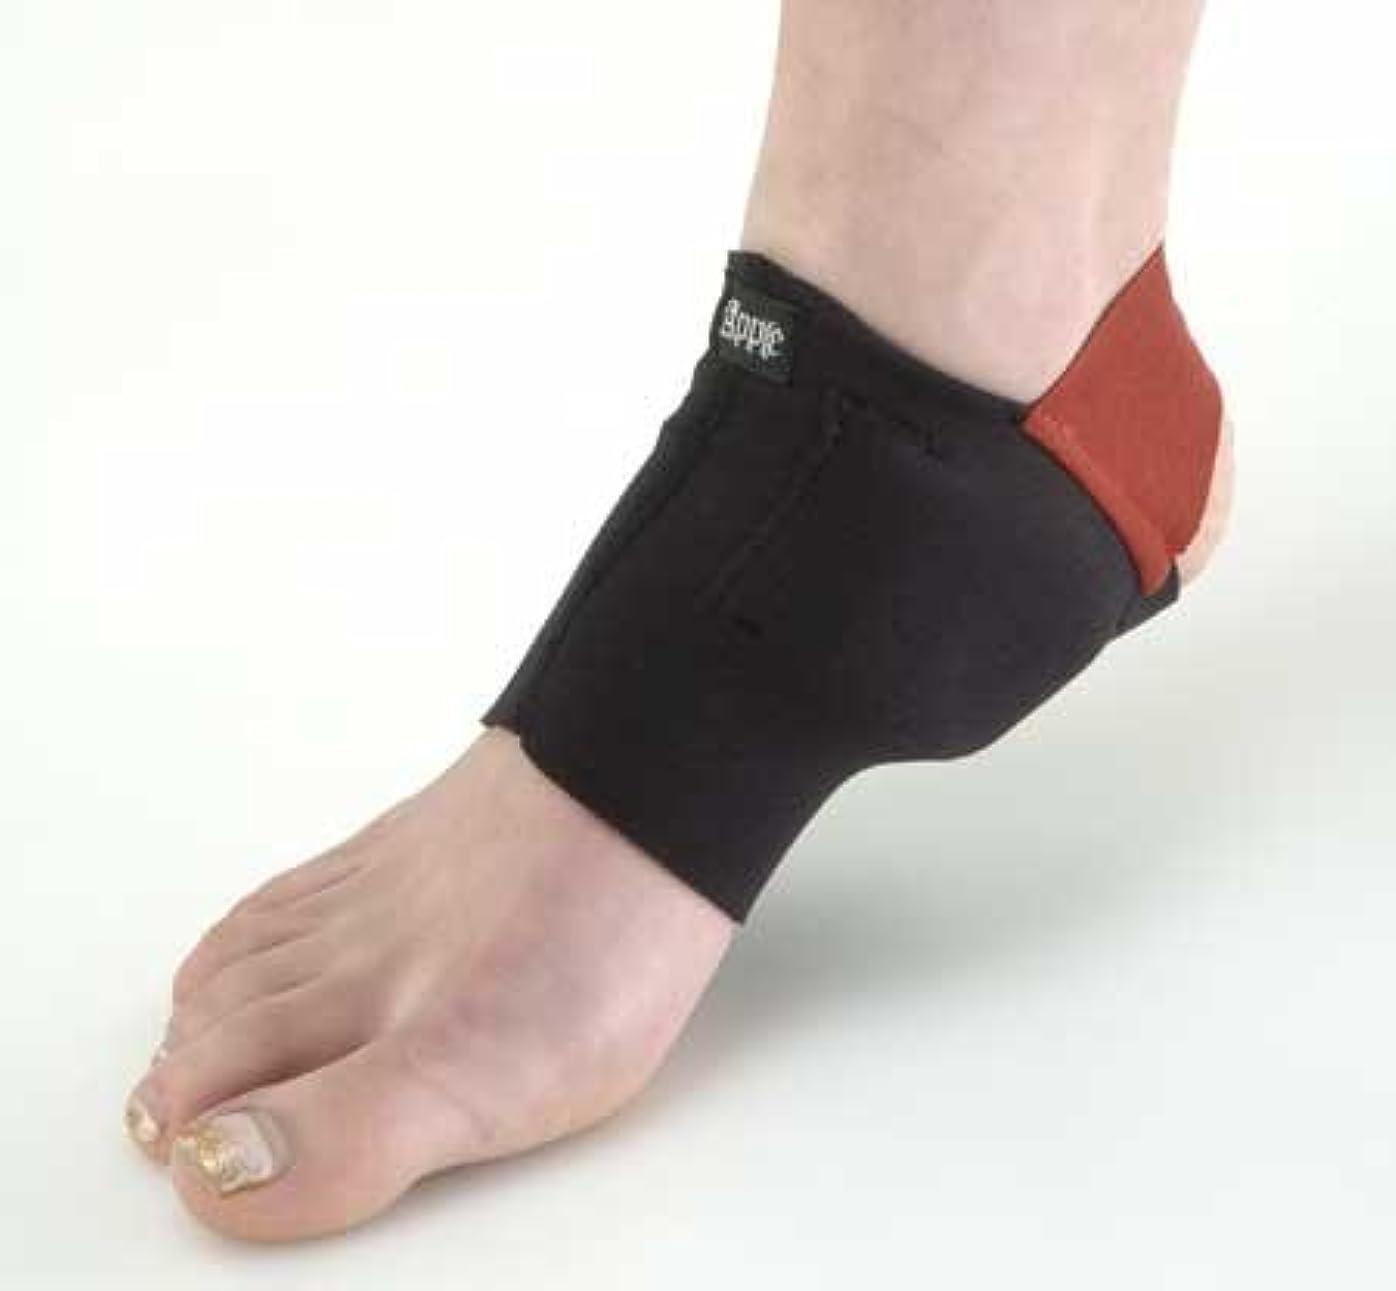 居住者おバドミントン有痛性外けい骨用サポーター右足 ブラック Sサイズ(甲周り20cm~22cm)